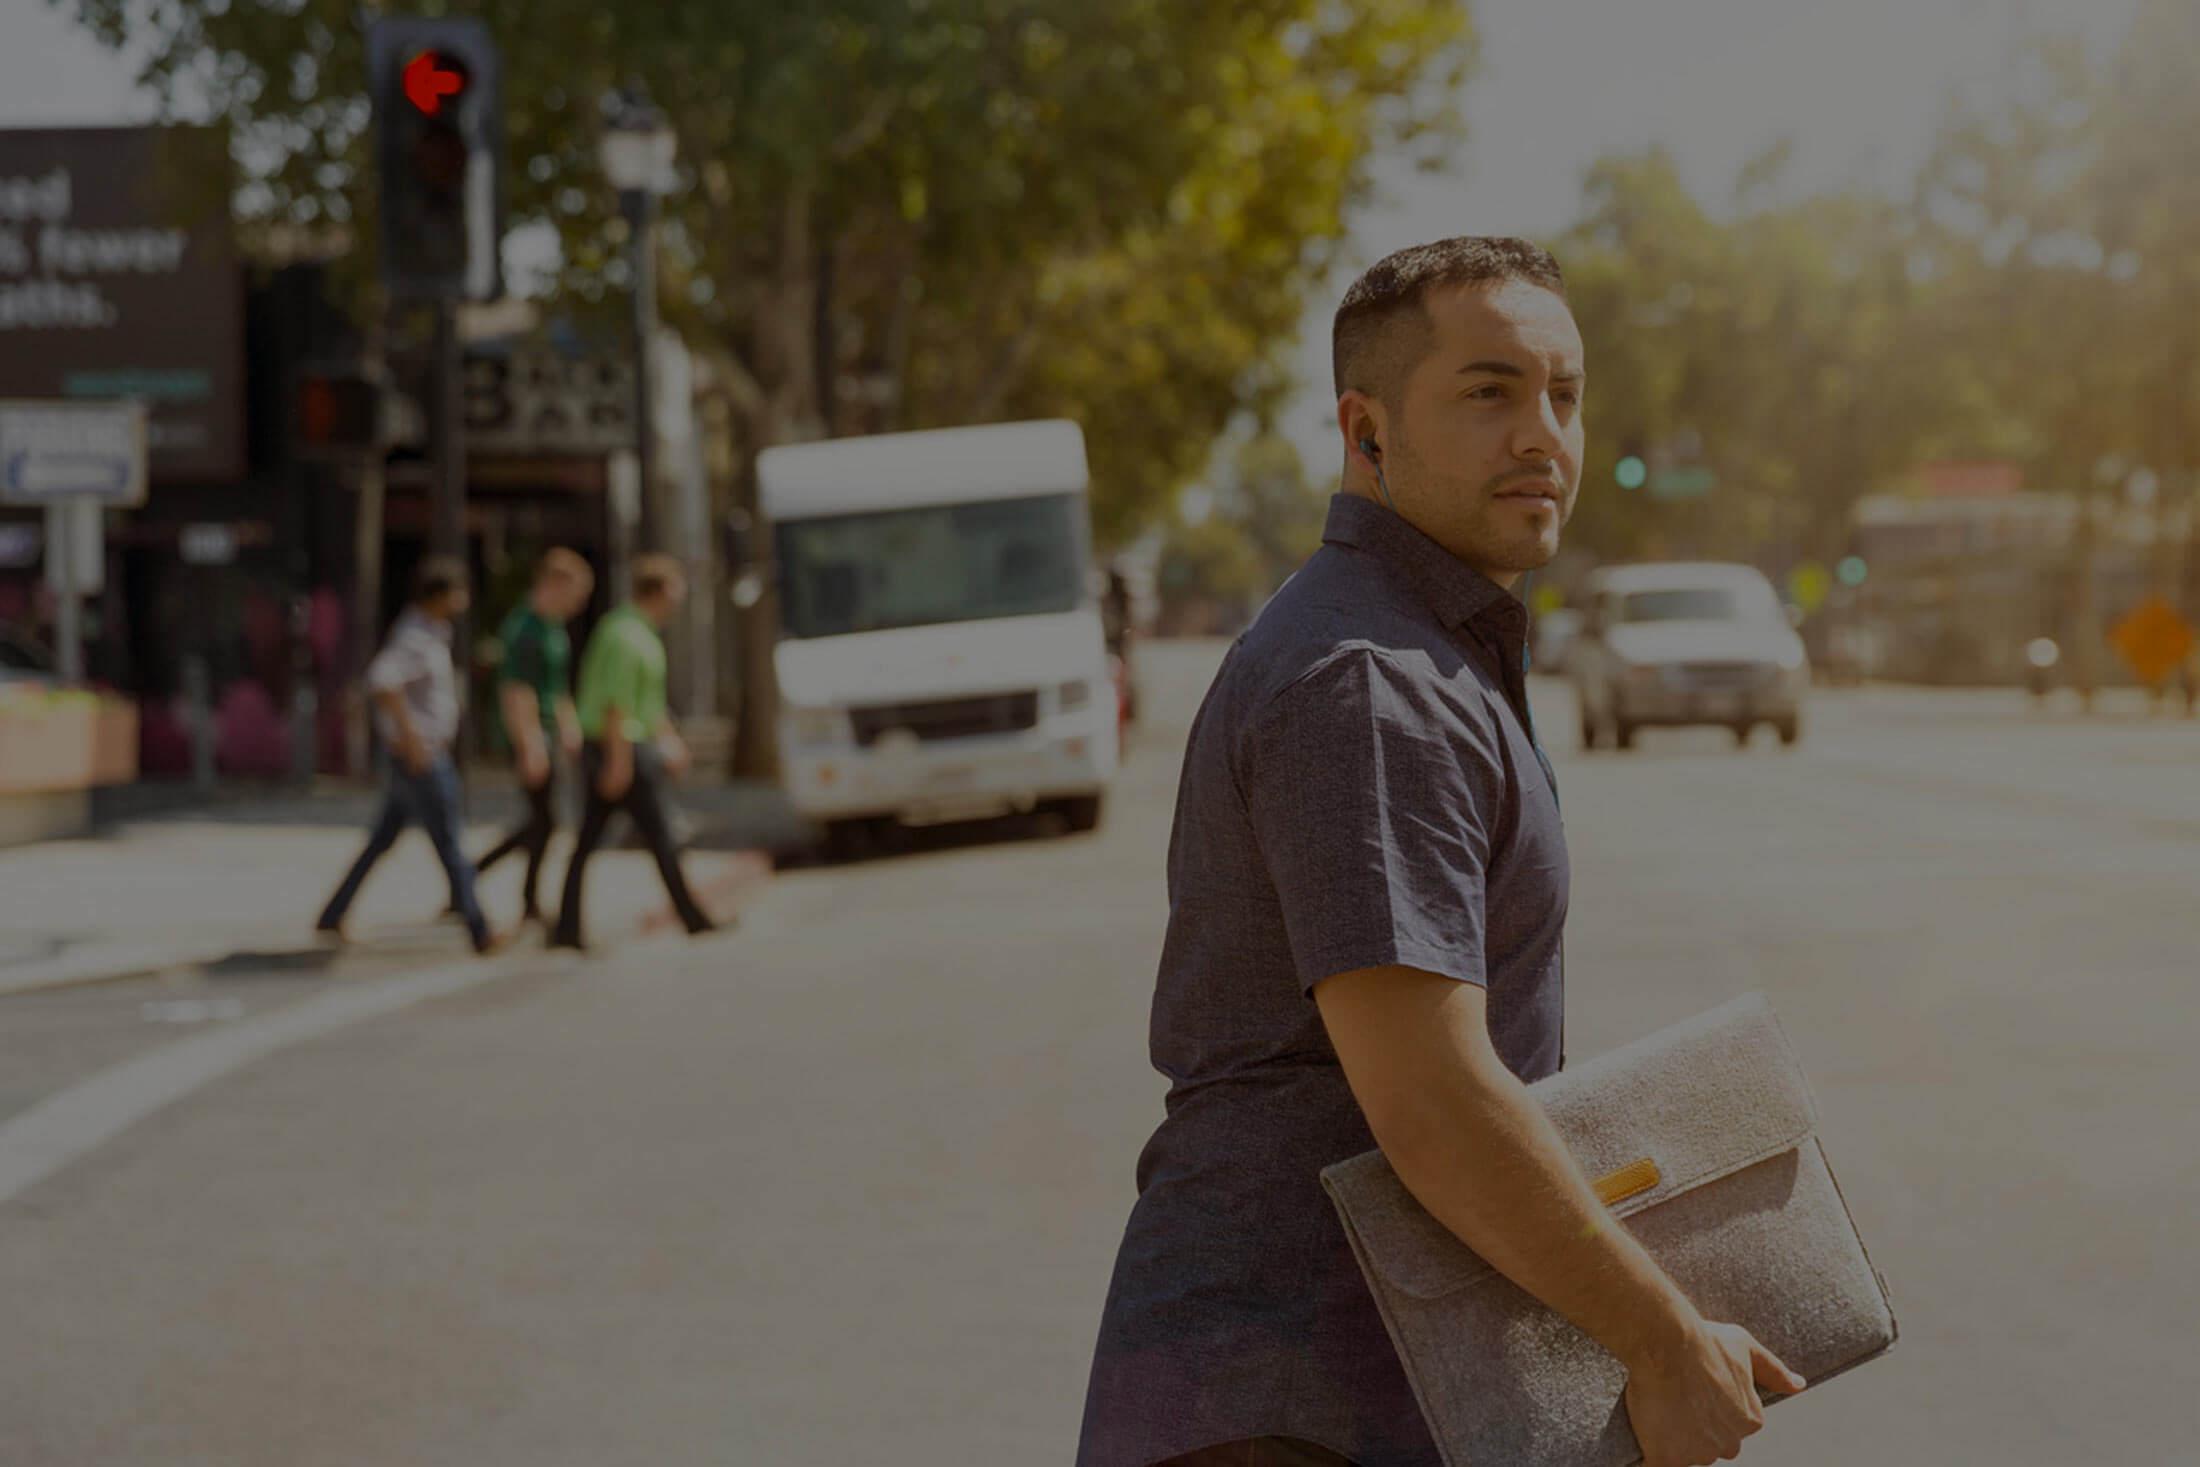 Pole emploi - offre emploi Manutentionnaire (H/F) - Dourges